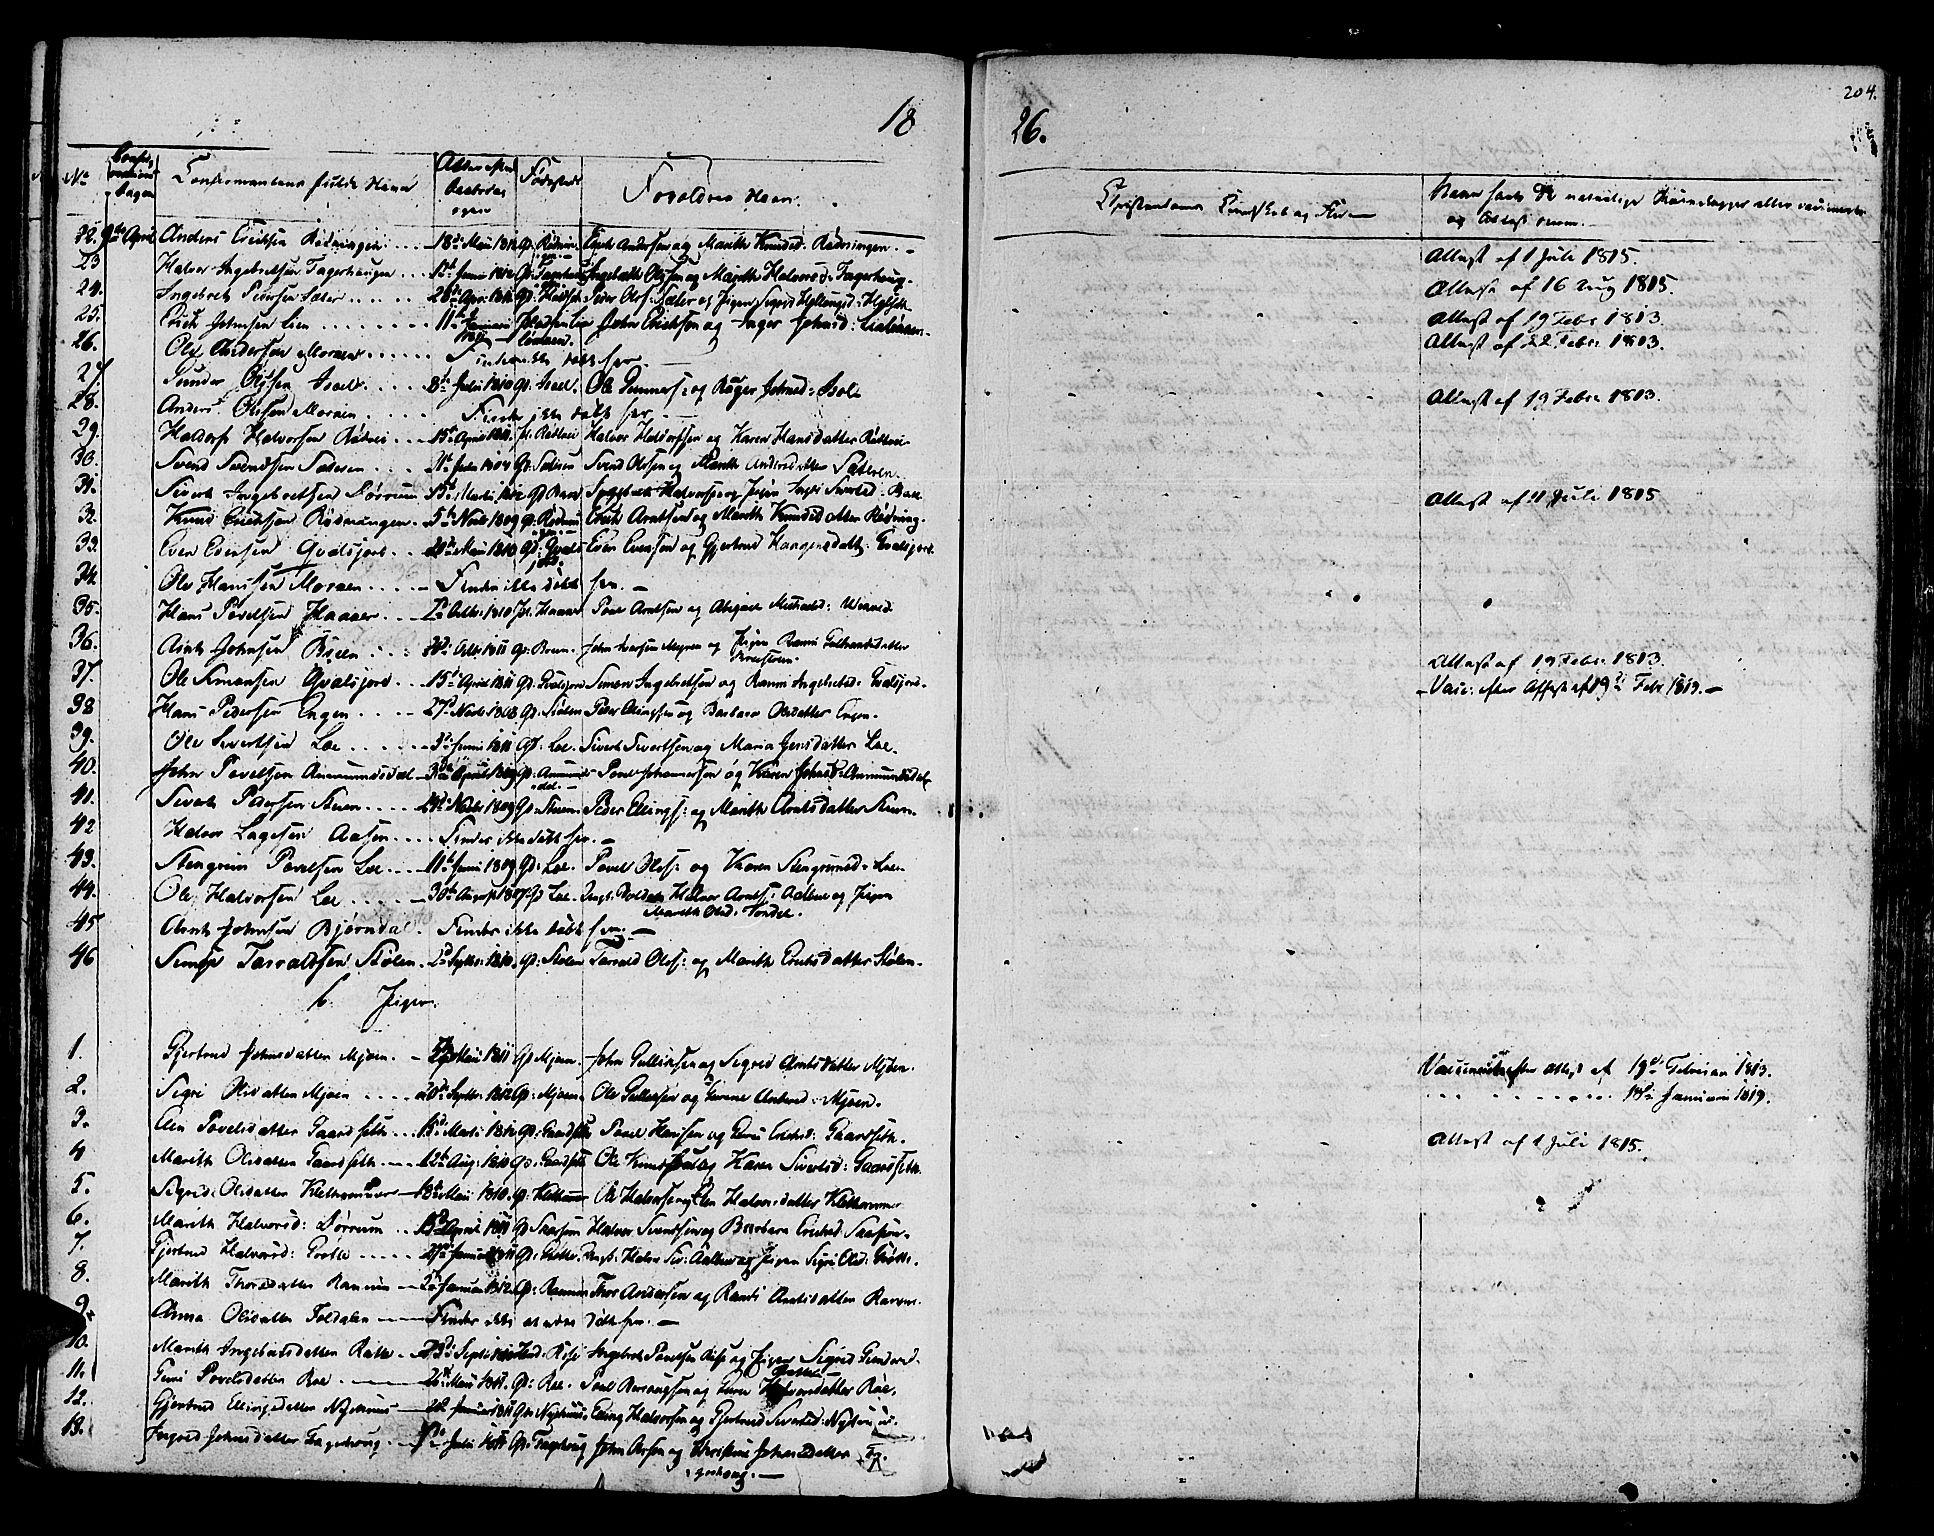 SAT, Ministerialprotokoller, klokkerbøker og fødselsregistre - Sør-Trøndelag, 678/L0897: Ministerialbok nr. 678A06-07, 1821-1847, s. 204